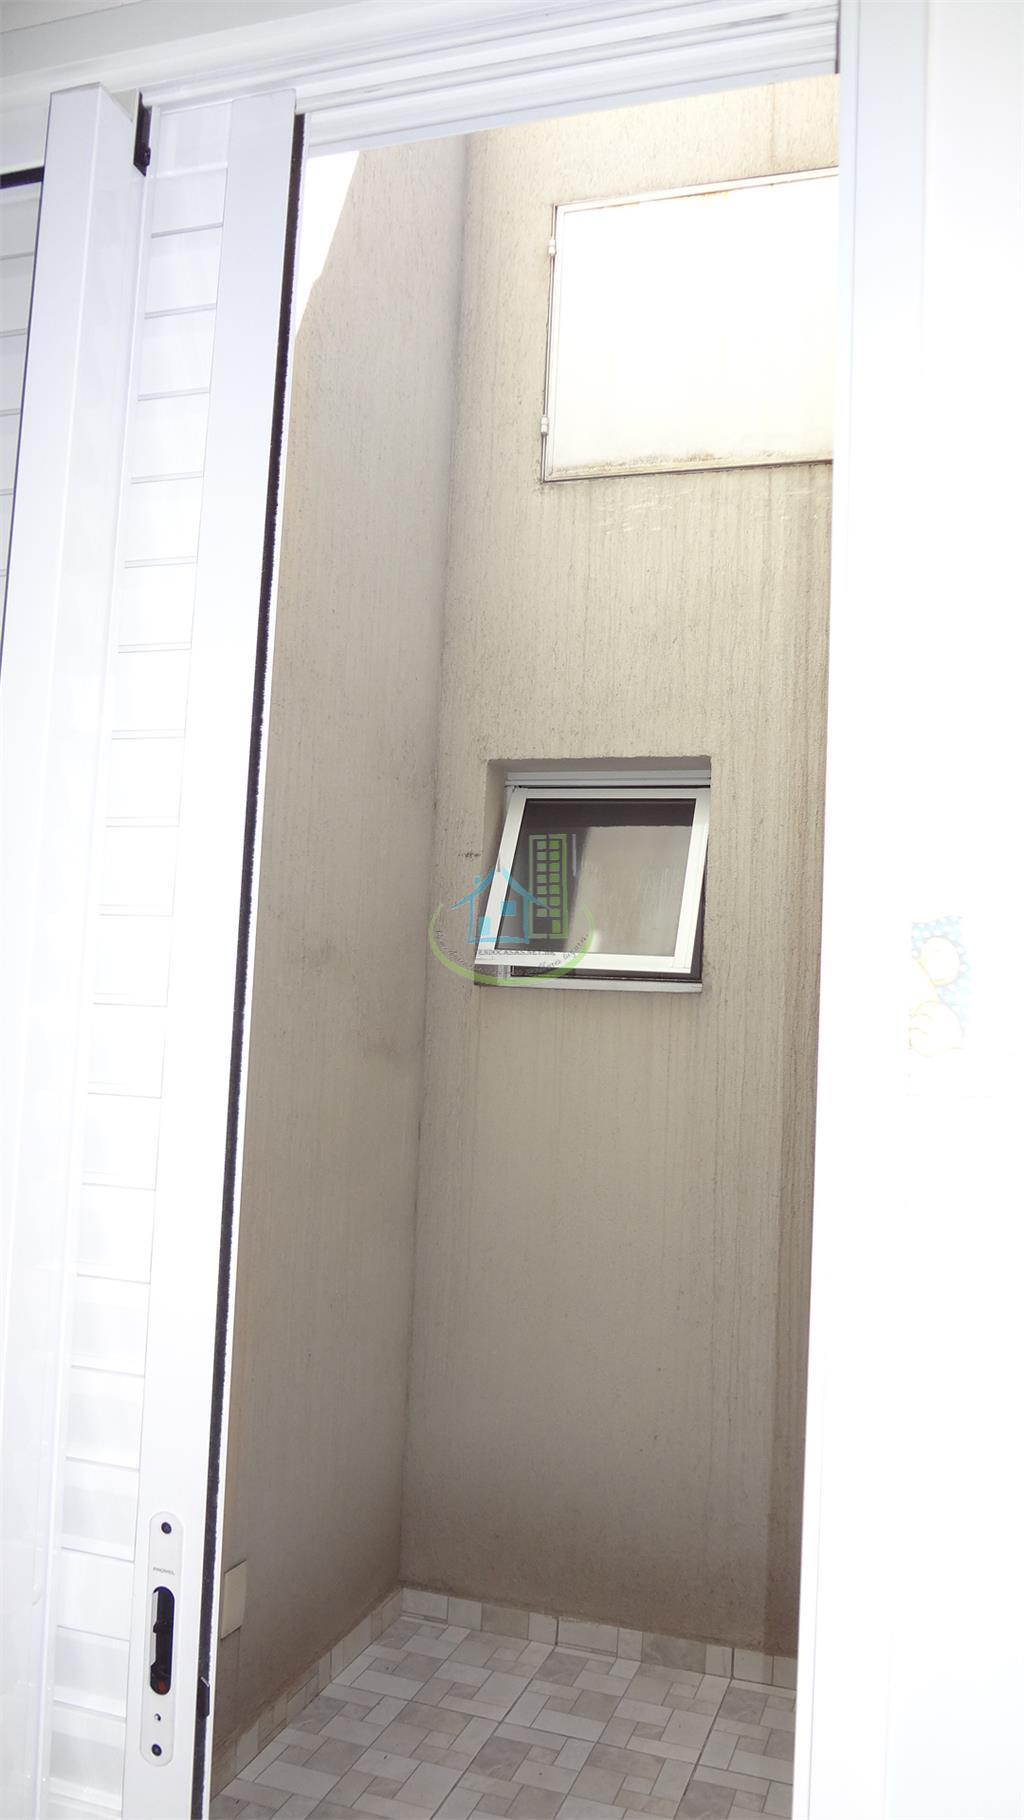 sobrado semi novo,com acabamento de primeira qualidade,box nos banheiros ,2 vagas de garagem sendo uma coberta...